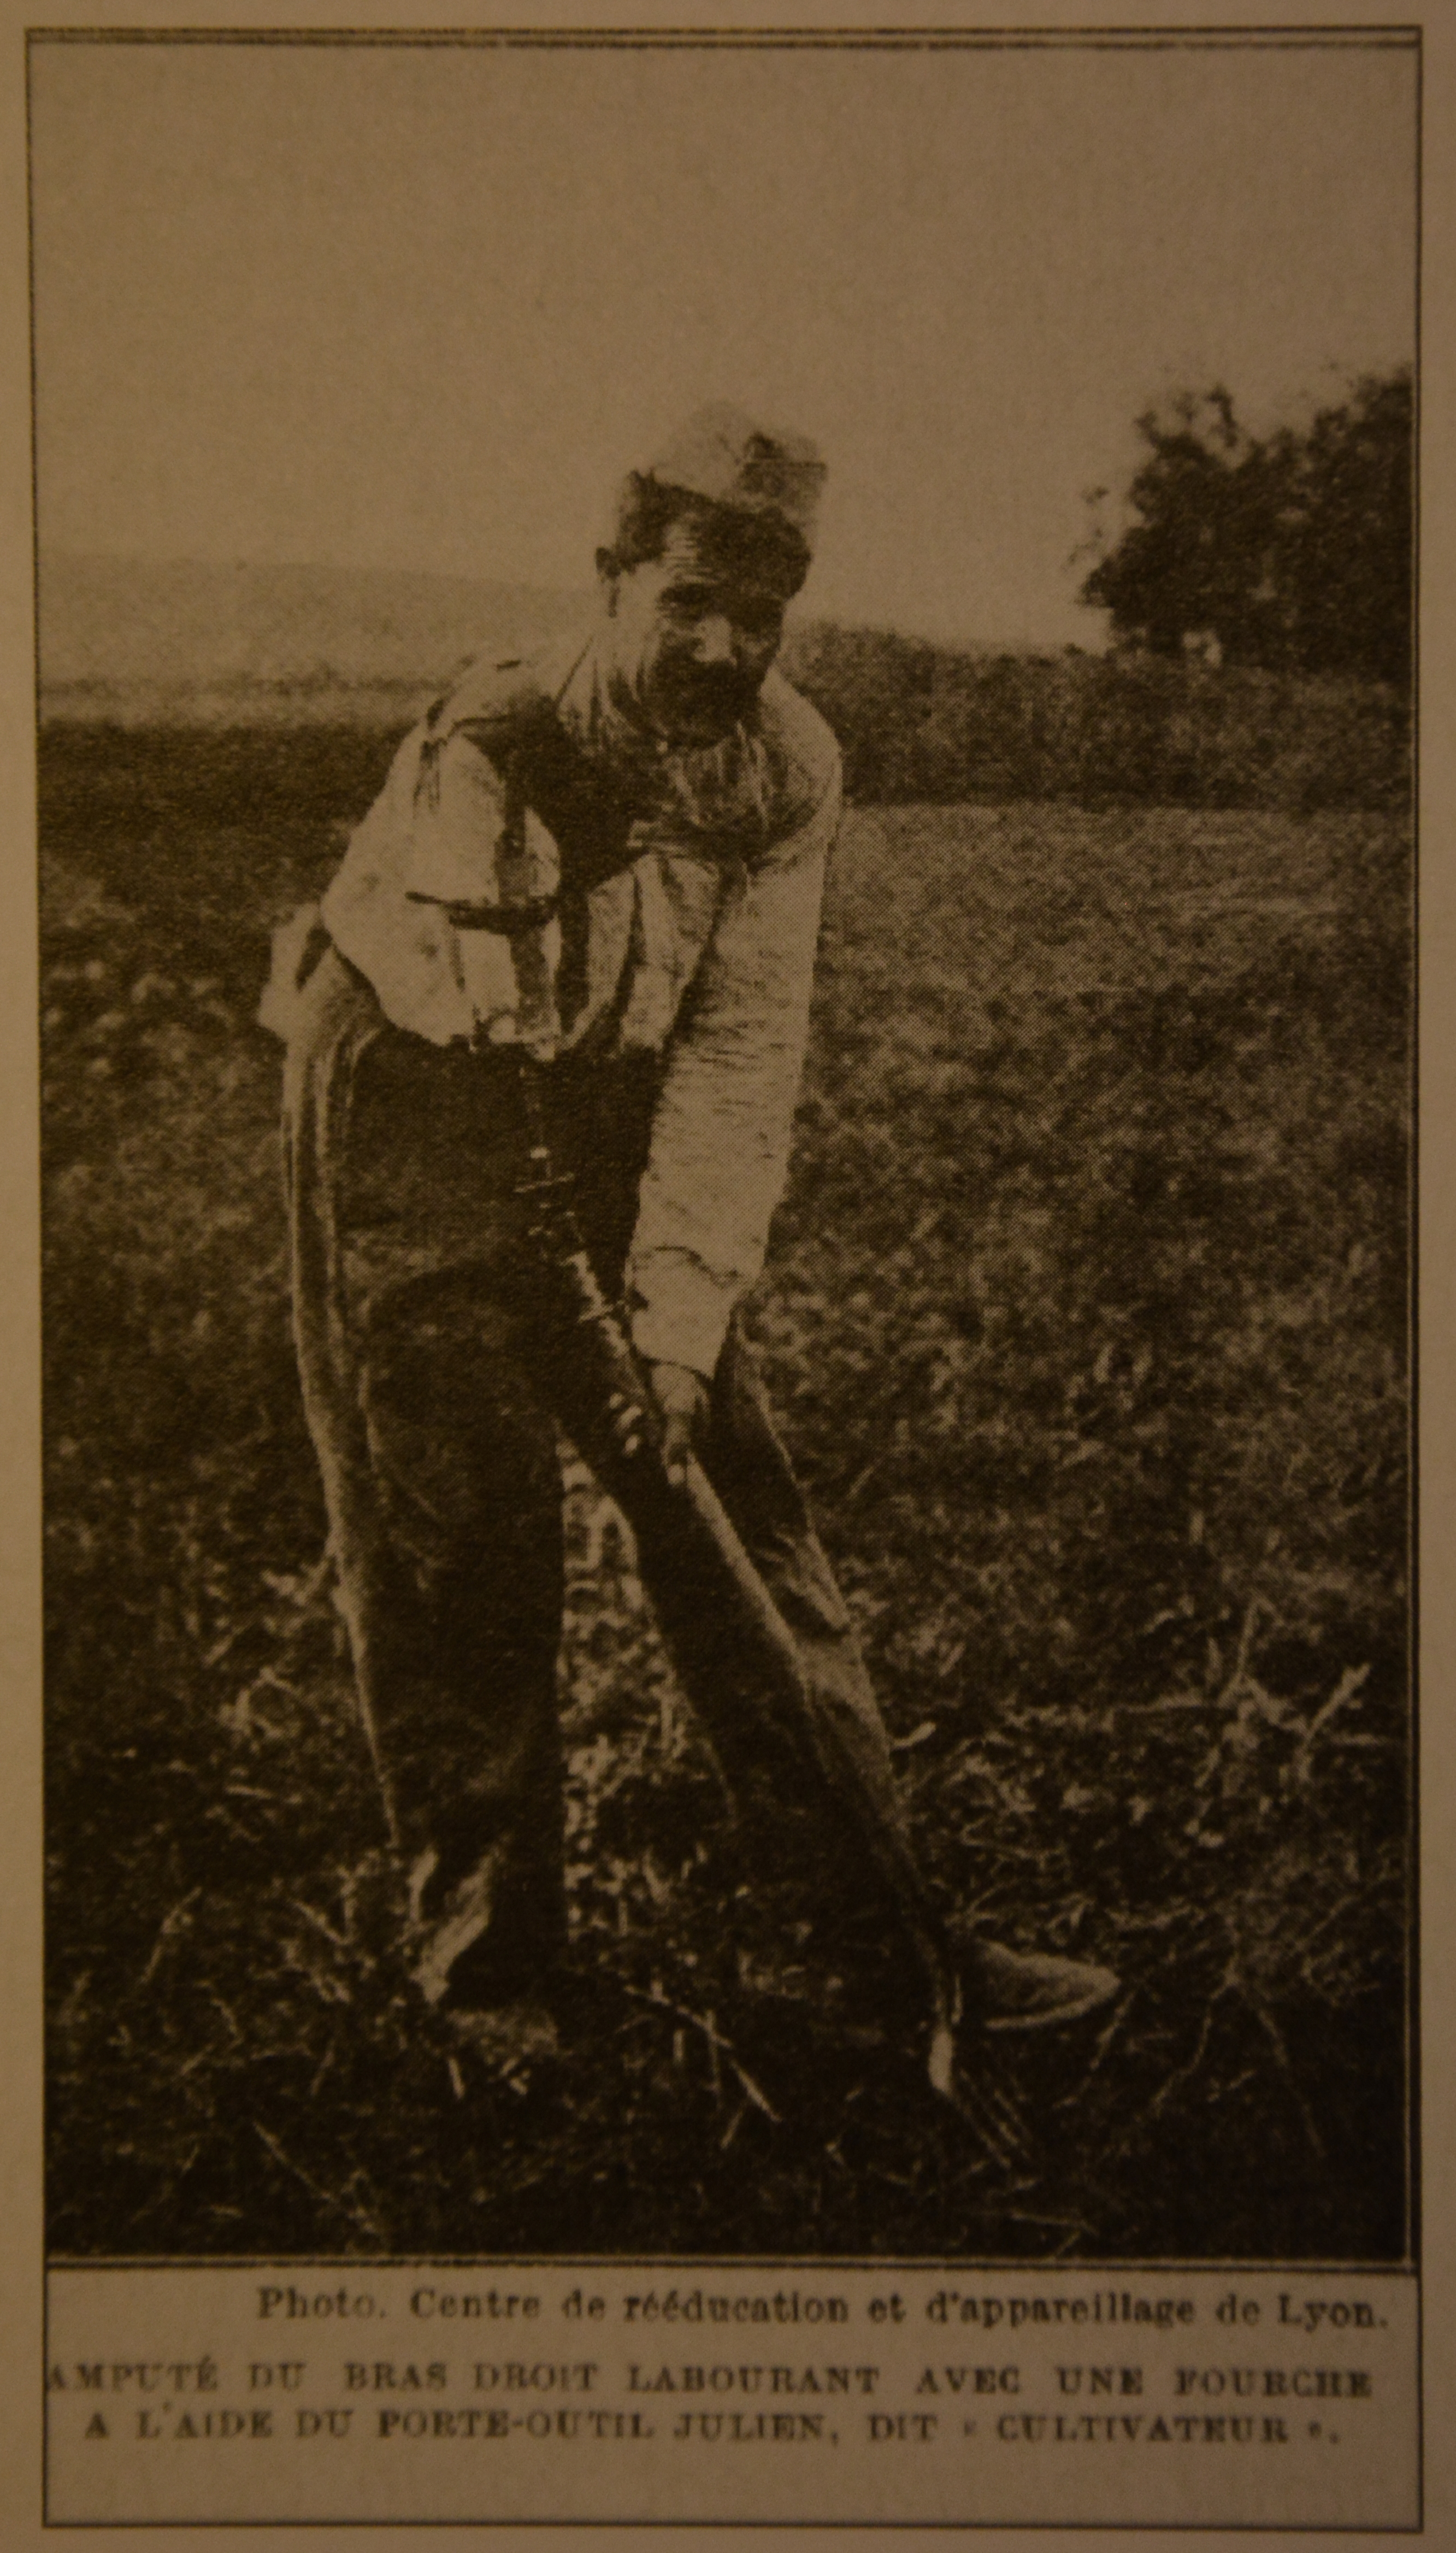 Amputé du bras droit labourant avec une fourche à l'aide du porte-outil Julien. (Photo du Centre de rééducation et d'appareillage de Lyon ; paru dans l'Oribus 108).